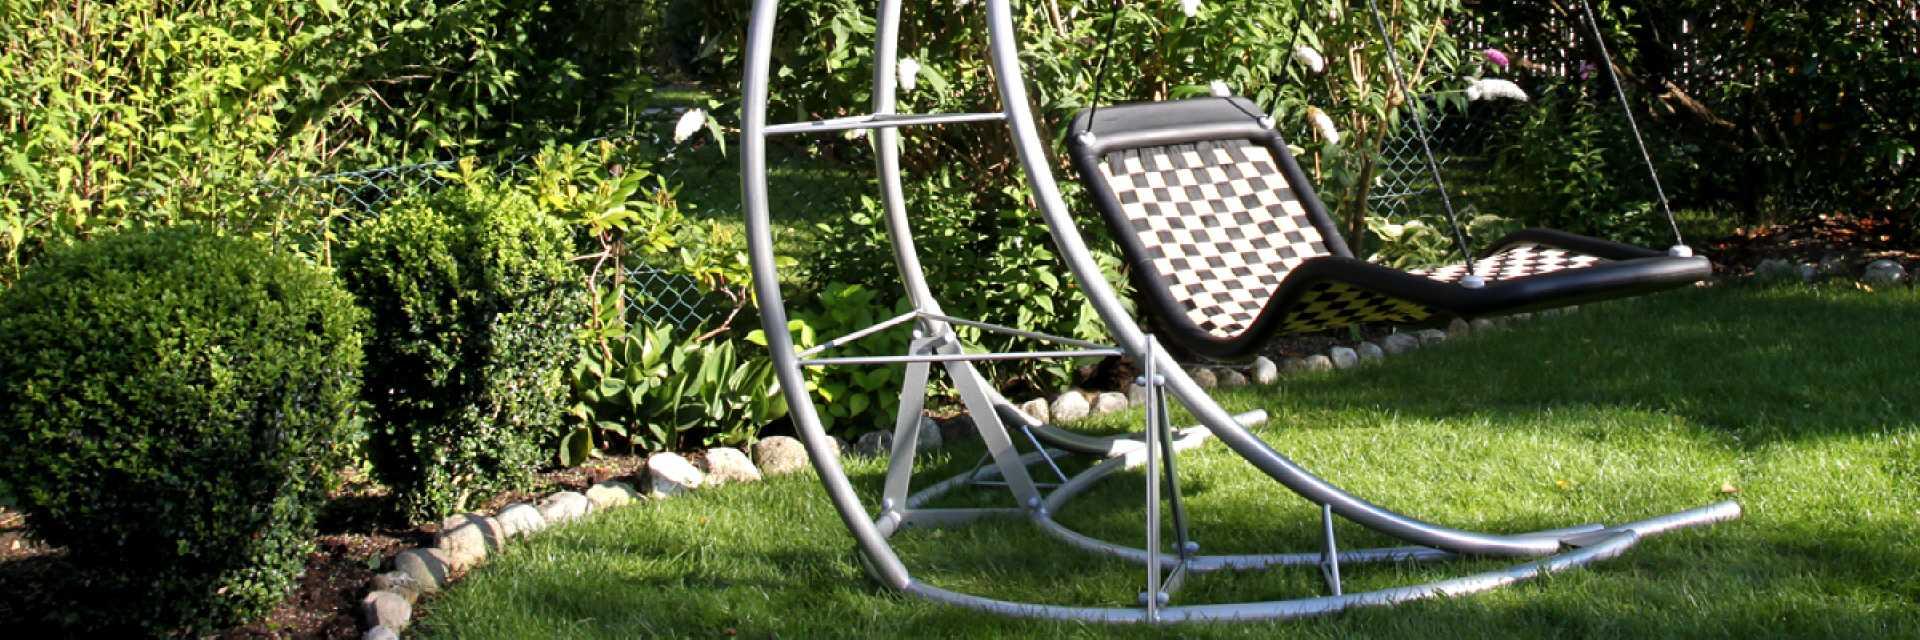 Full Size of Schaukel Erwachsene Hoch Metall Wohnung Balkon Holz Indoor Outdoor Garten 150 Kg Schaukelstuhl Für Kinderschaukel Wohnzimmer Schaukel Erwachsene